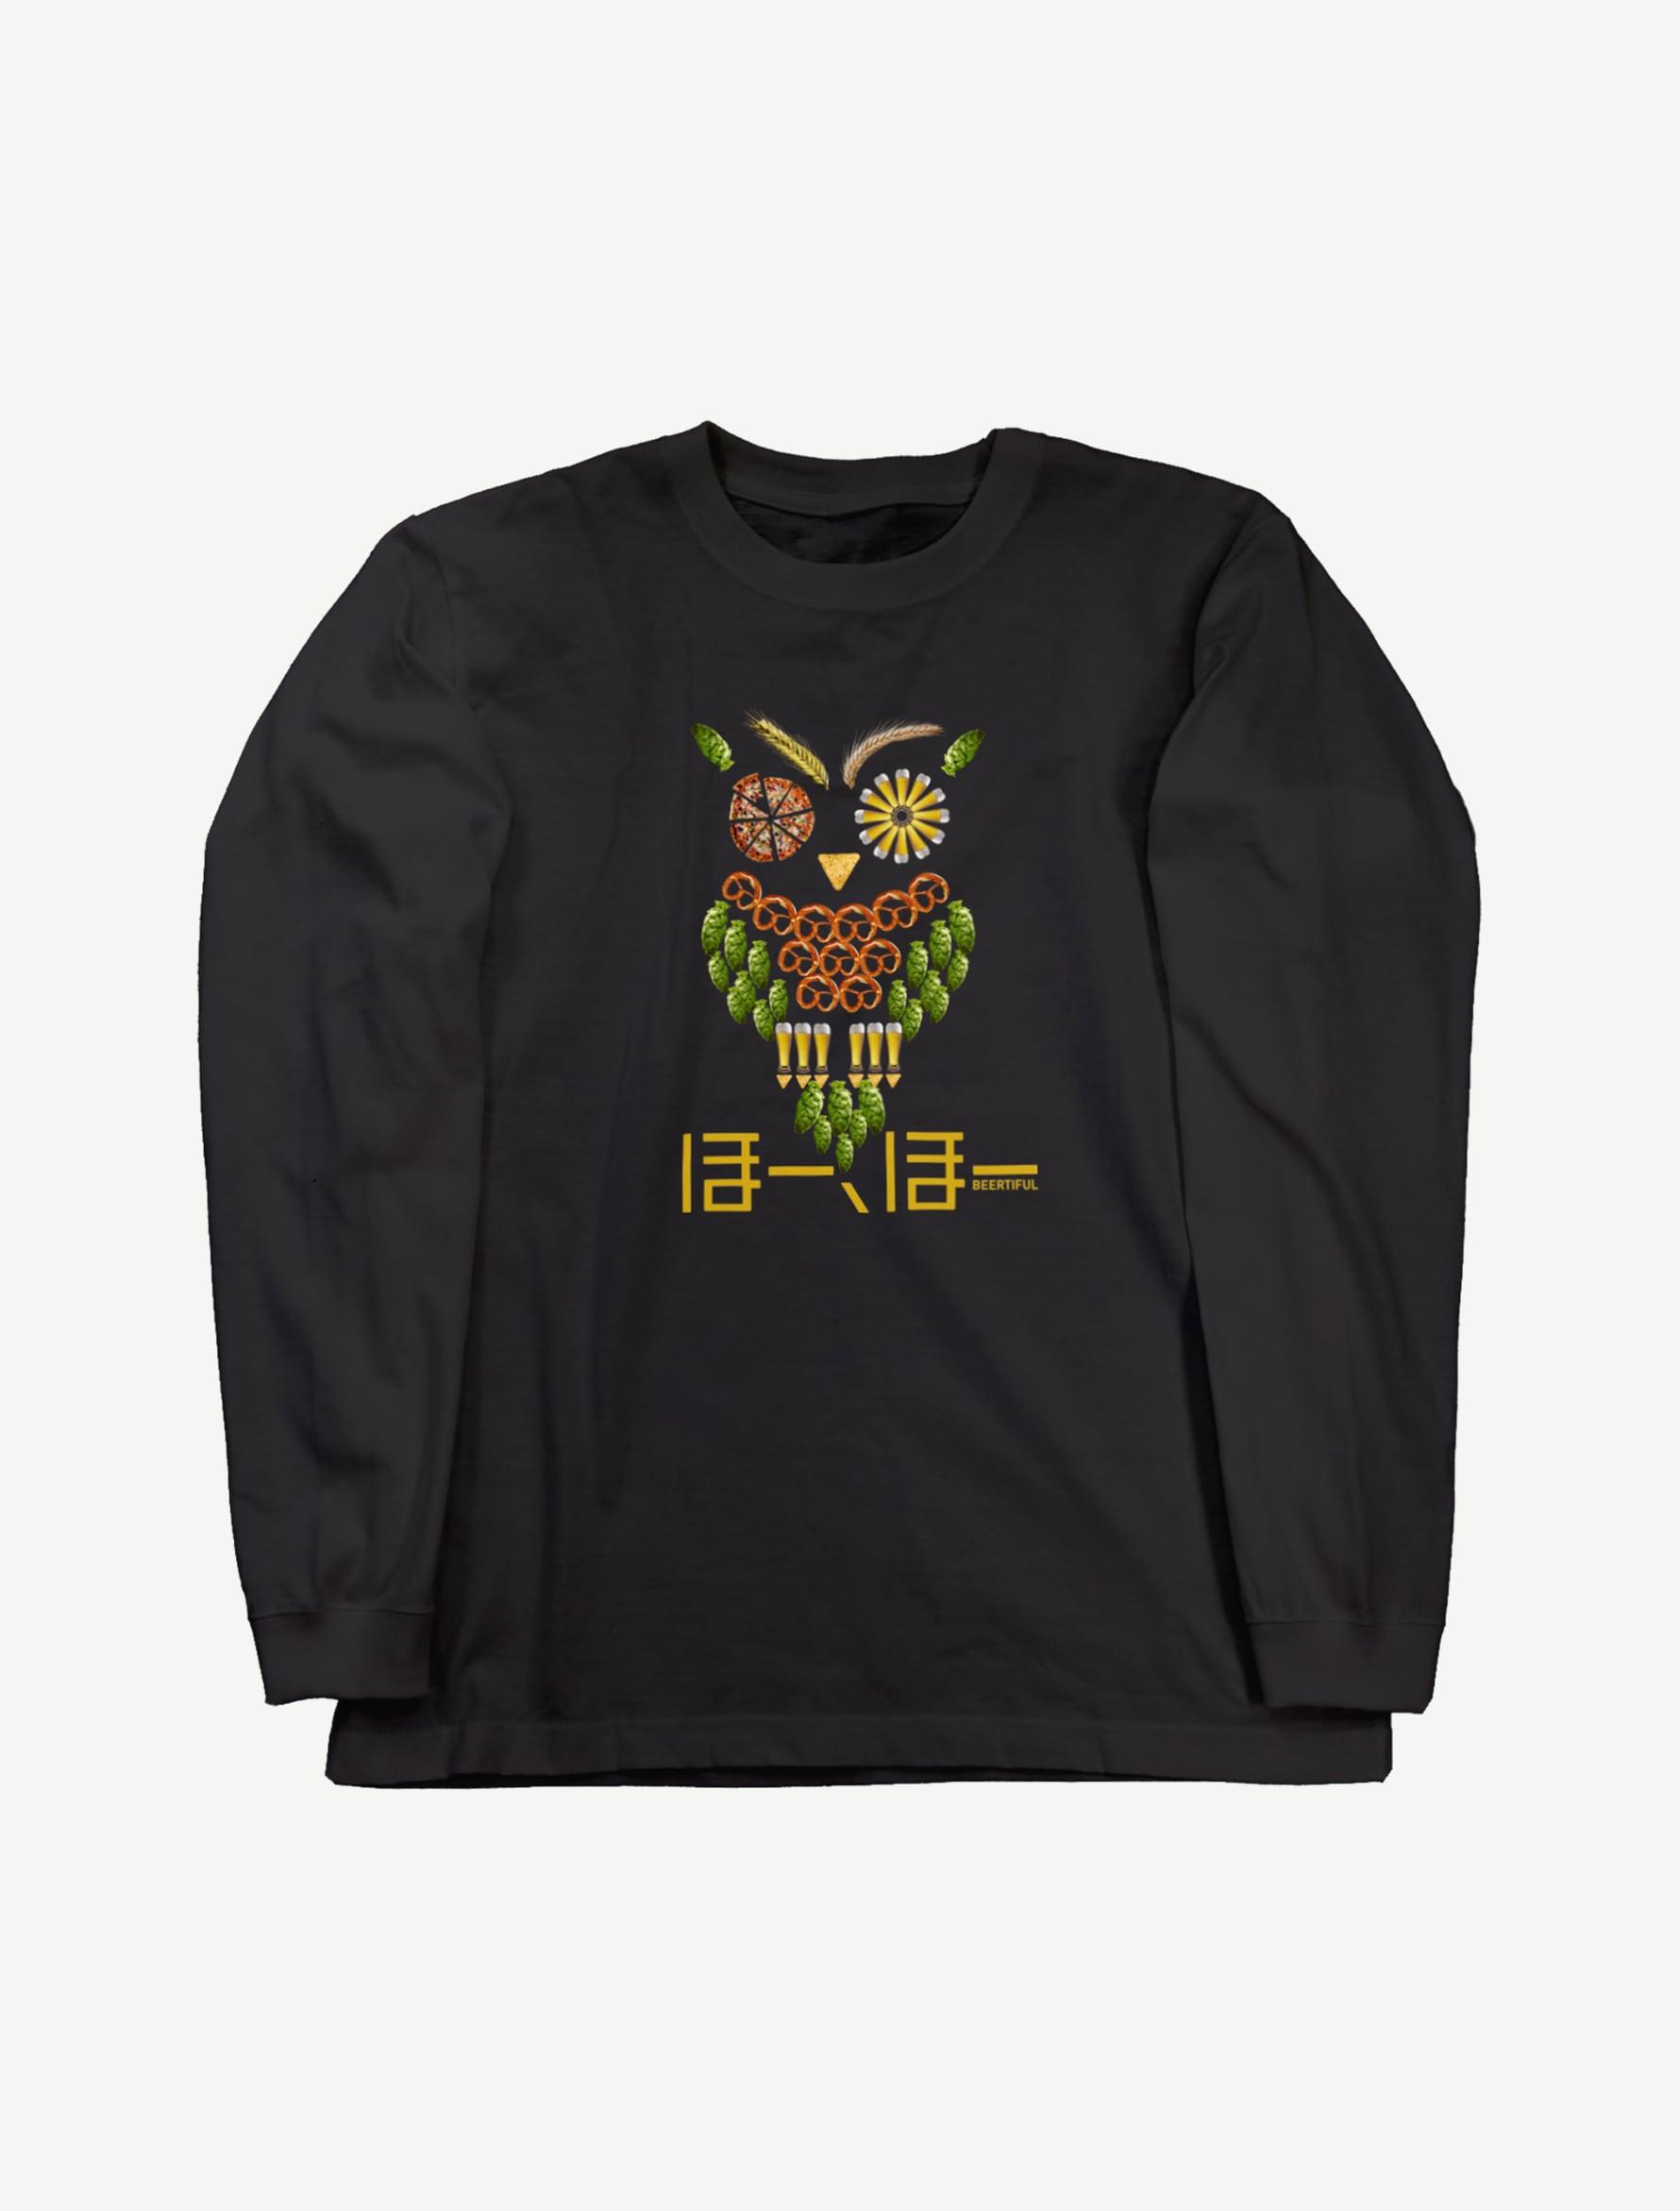 【フクロウ】ロングスリーブTシャツ